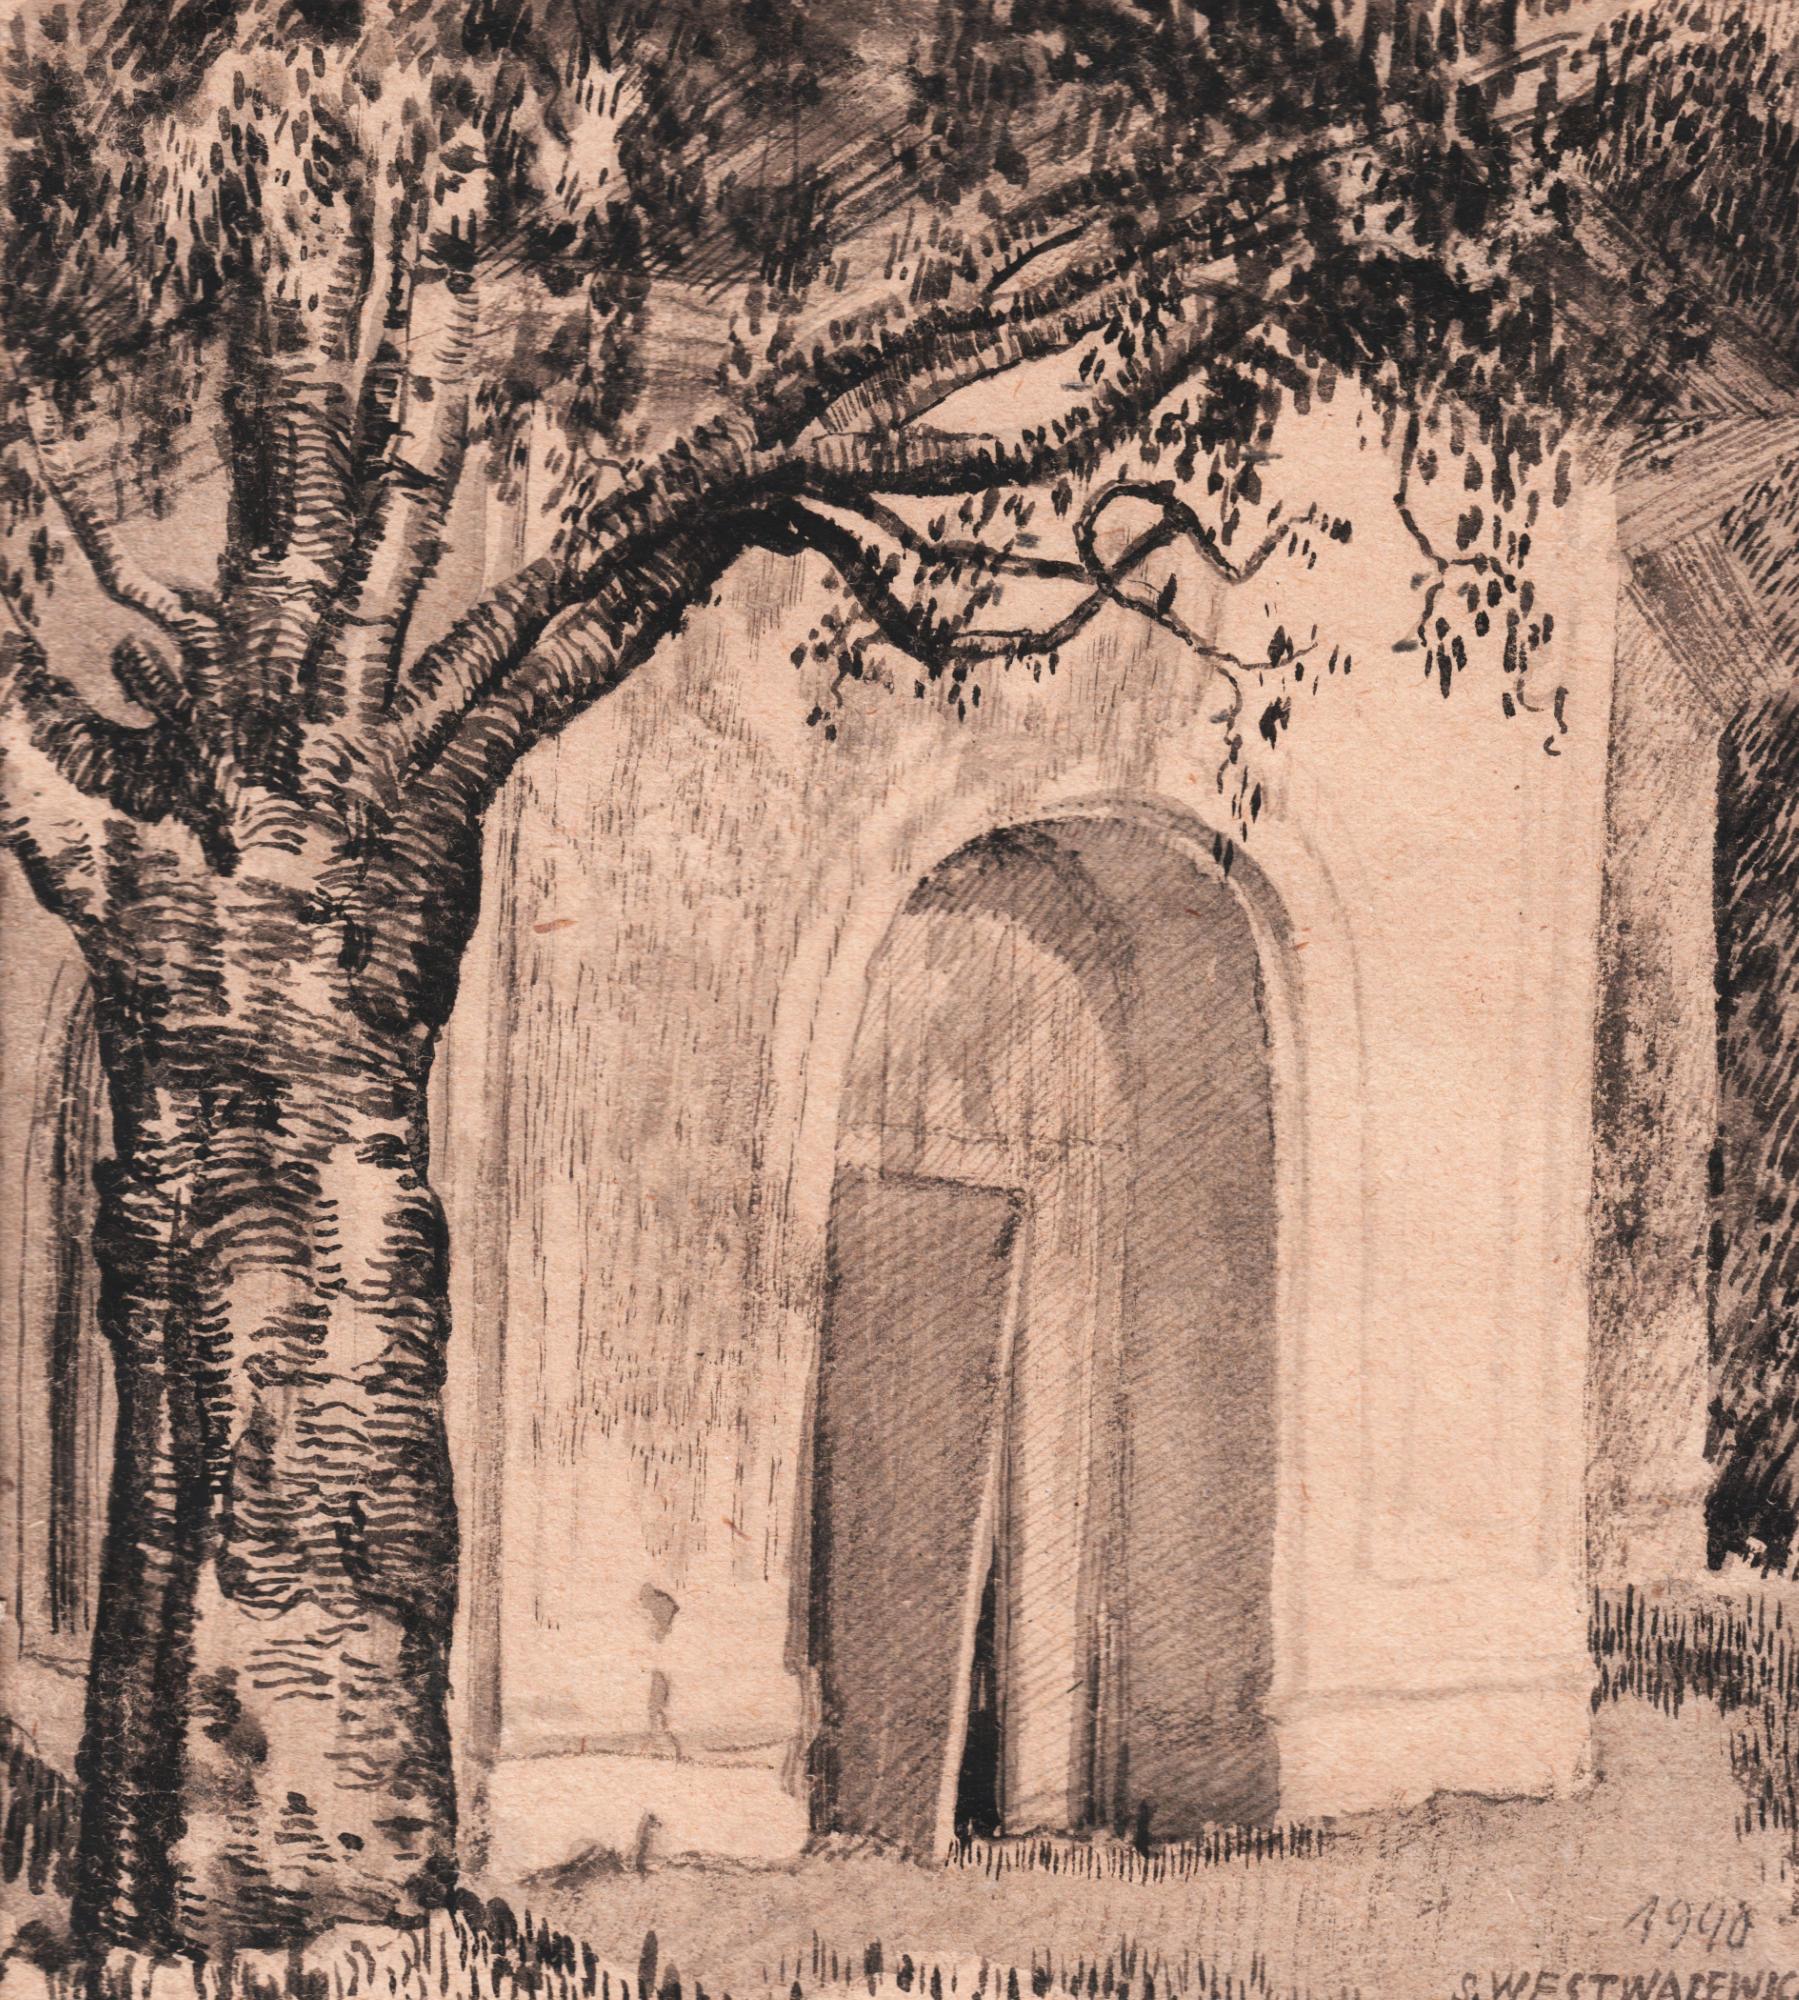 Rysunek przedstawiający zdewastowaną kaplicę przycerkiewną naterenie obozu. tanisław Westwalewicz, rys. ołówkiem ipiórkiem, obóz wKozielsku 1940